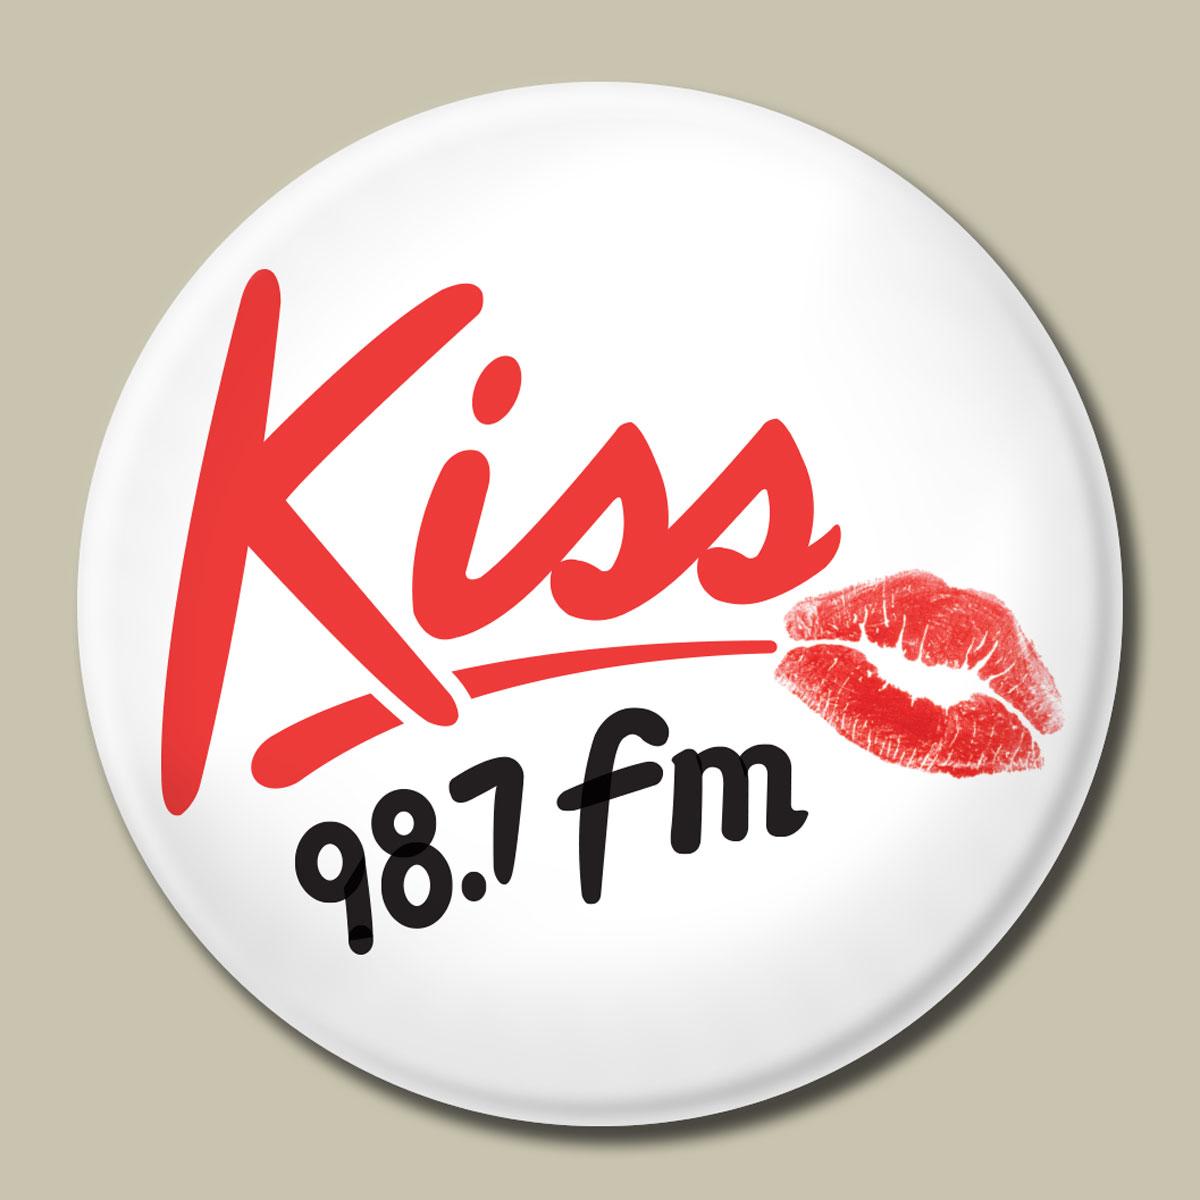 Kiss 98.7 FM